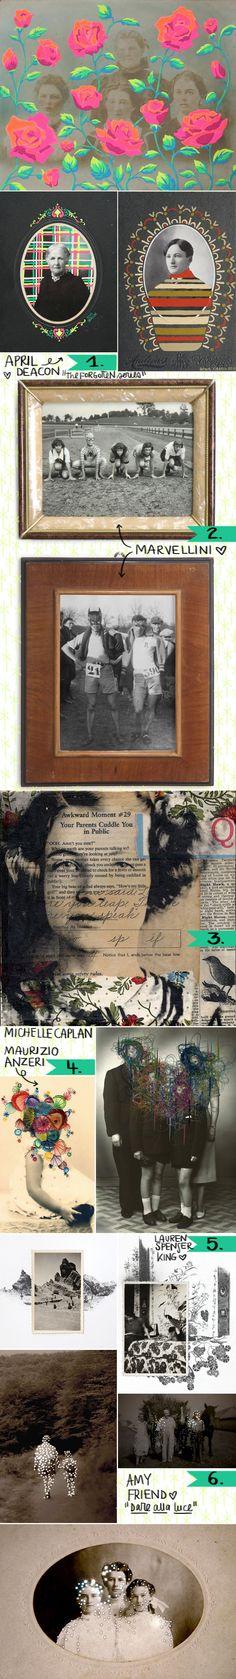 Almeno tre cose - Speciale foto vintage | Zelda was a writer